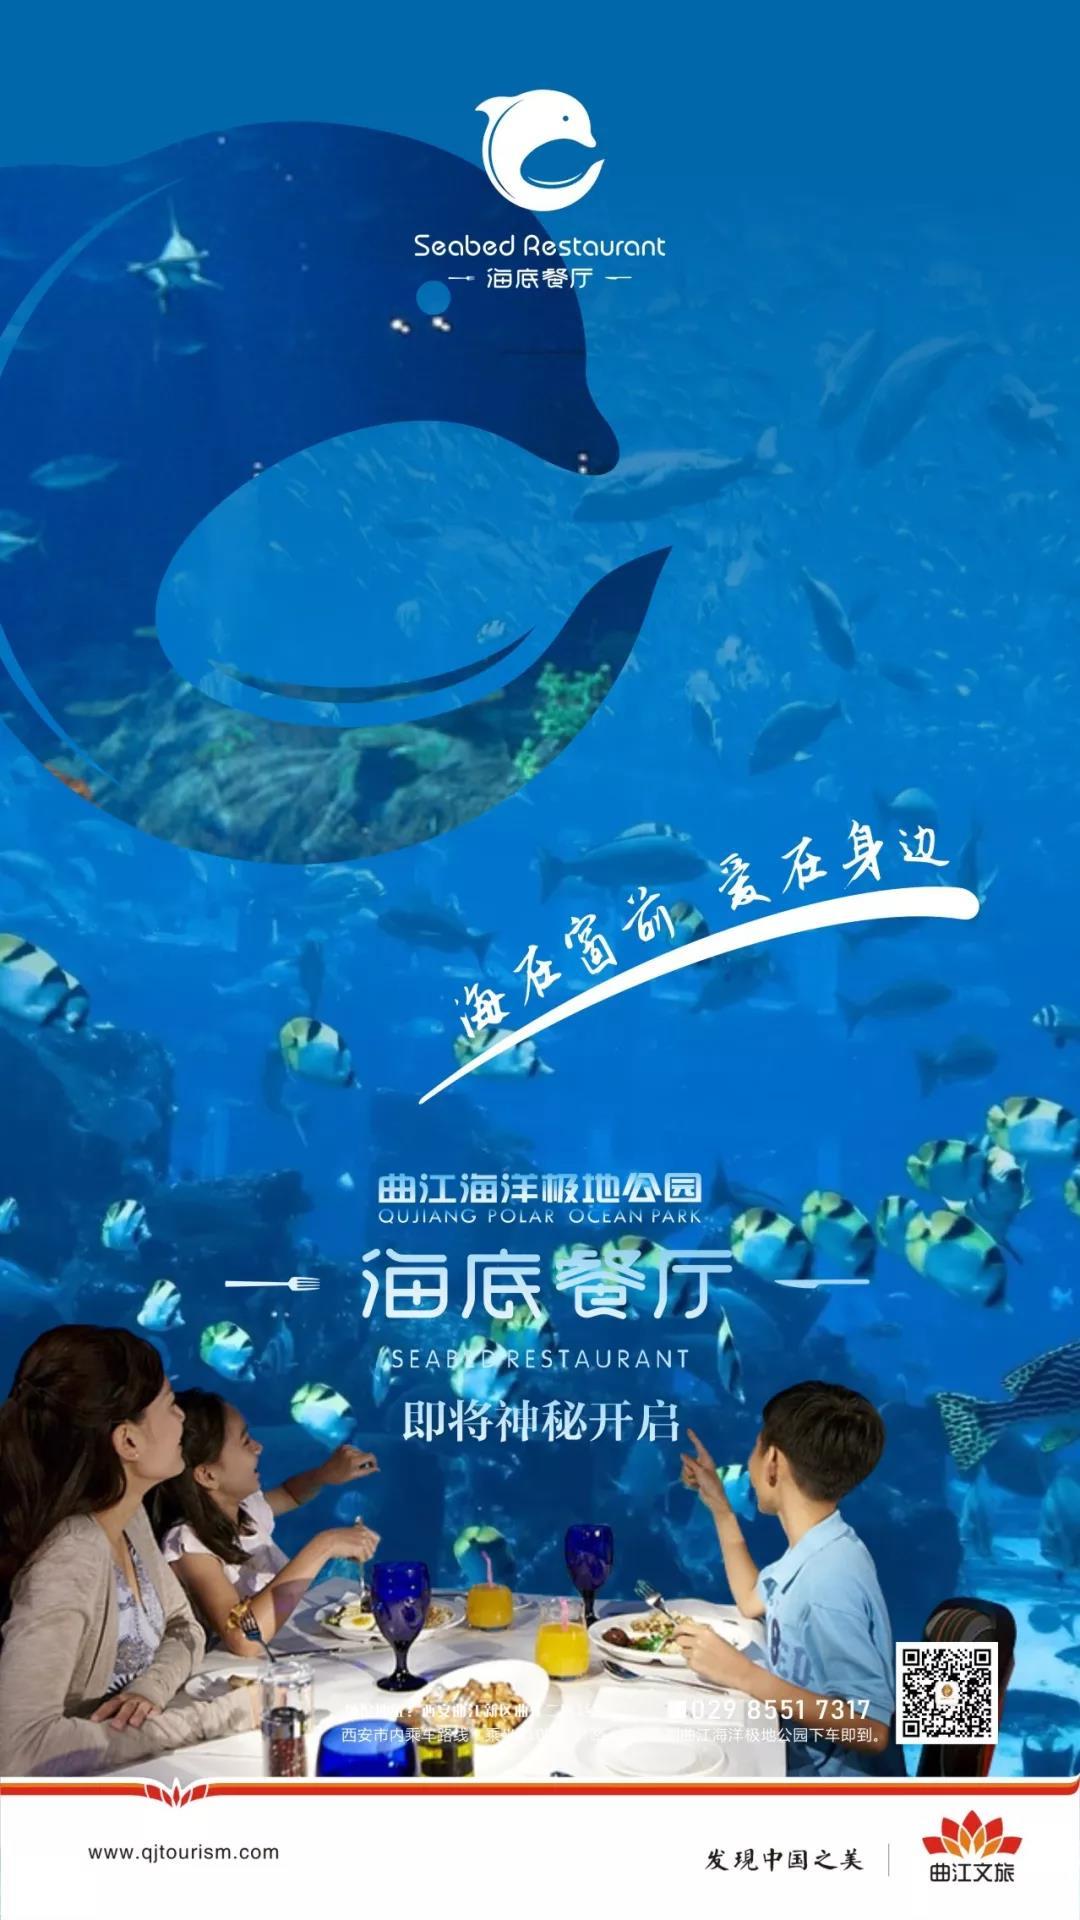 西安海底餐厅开业时间